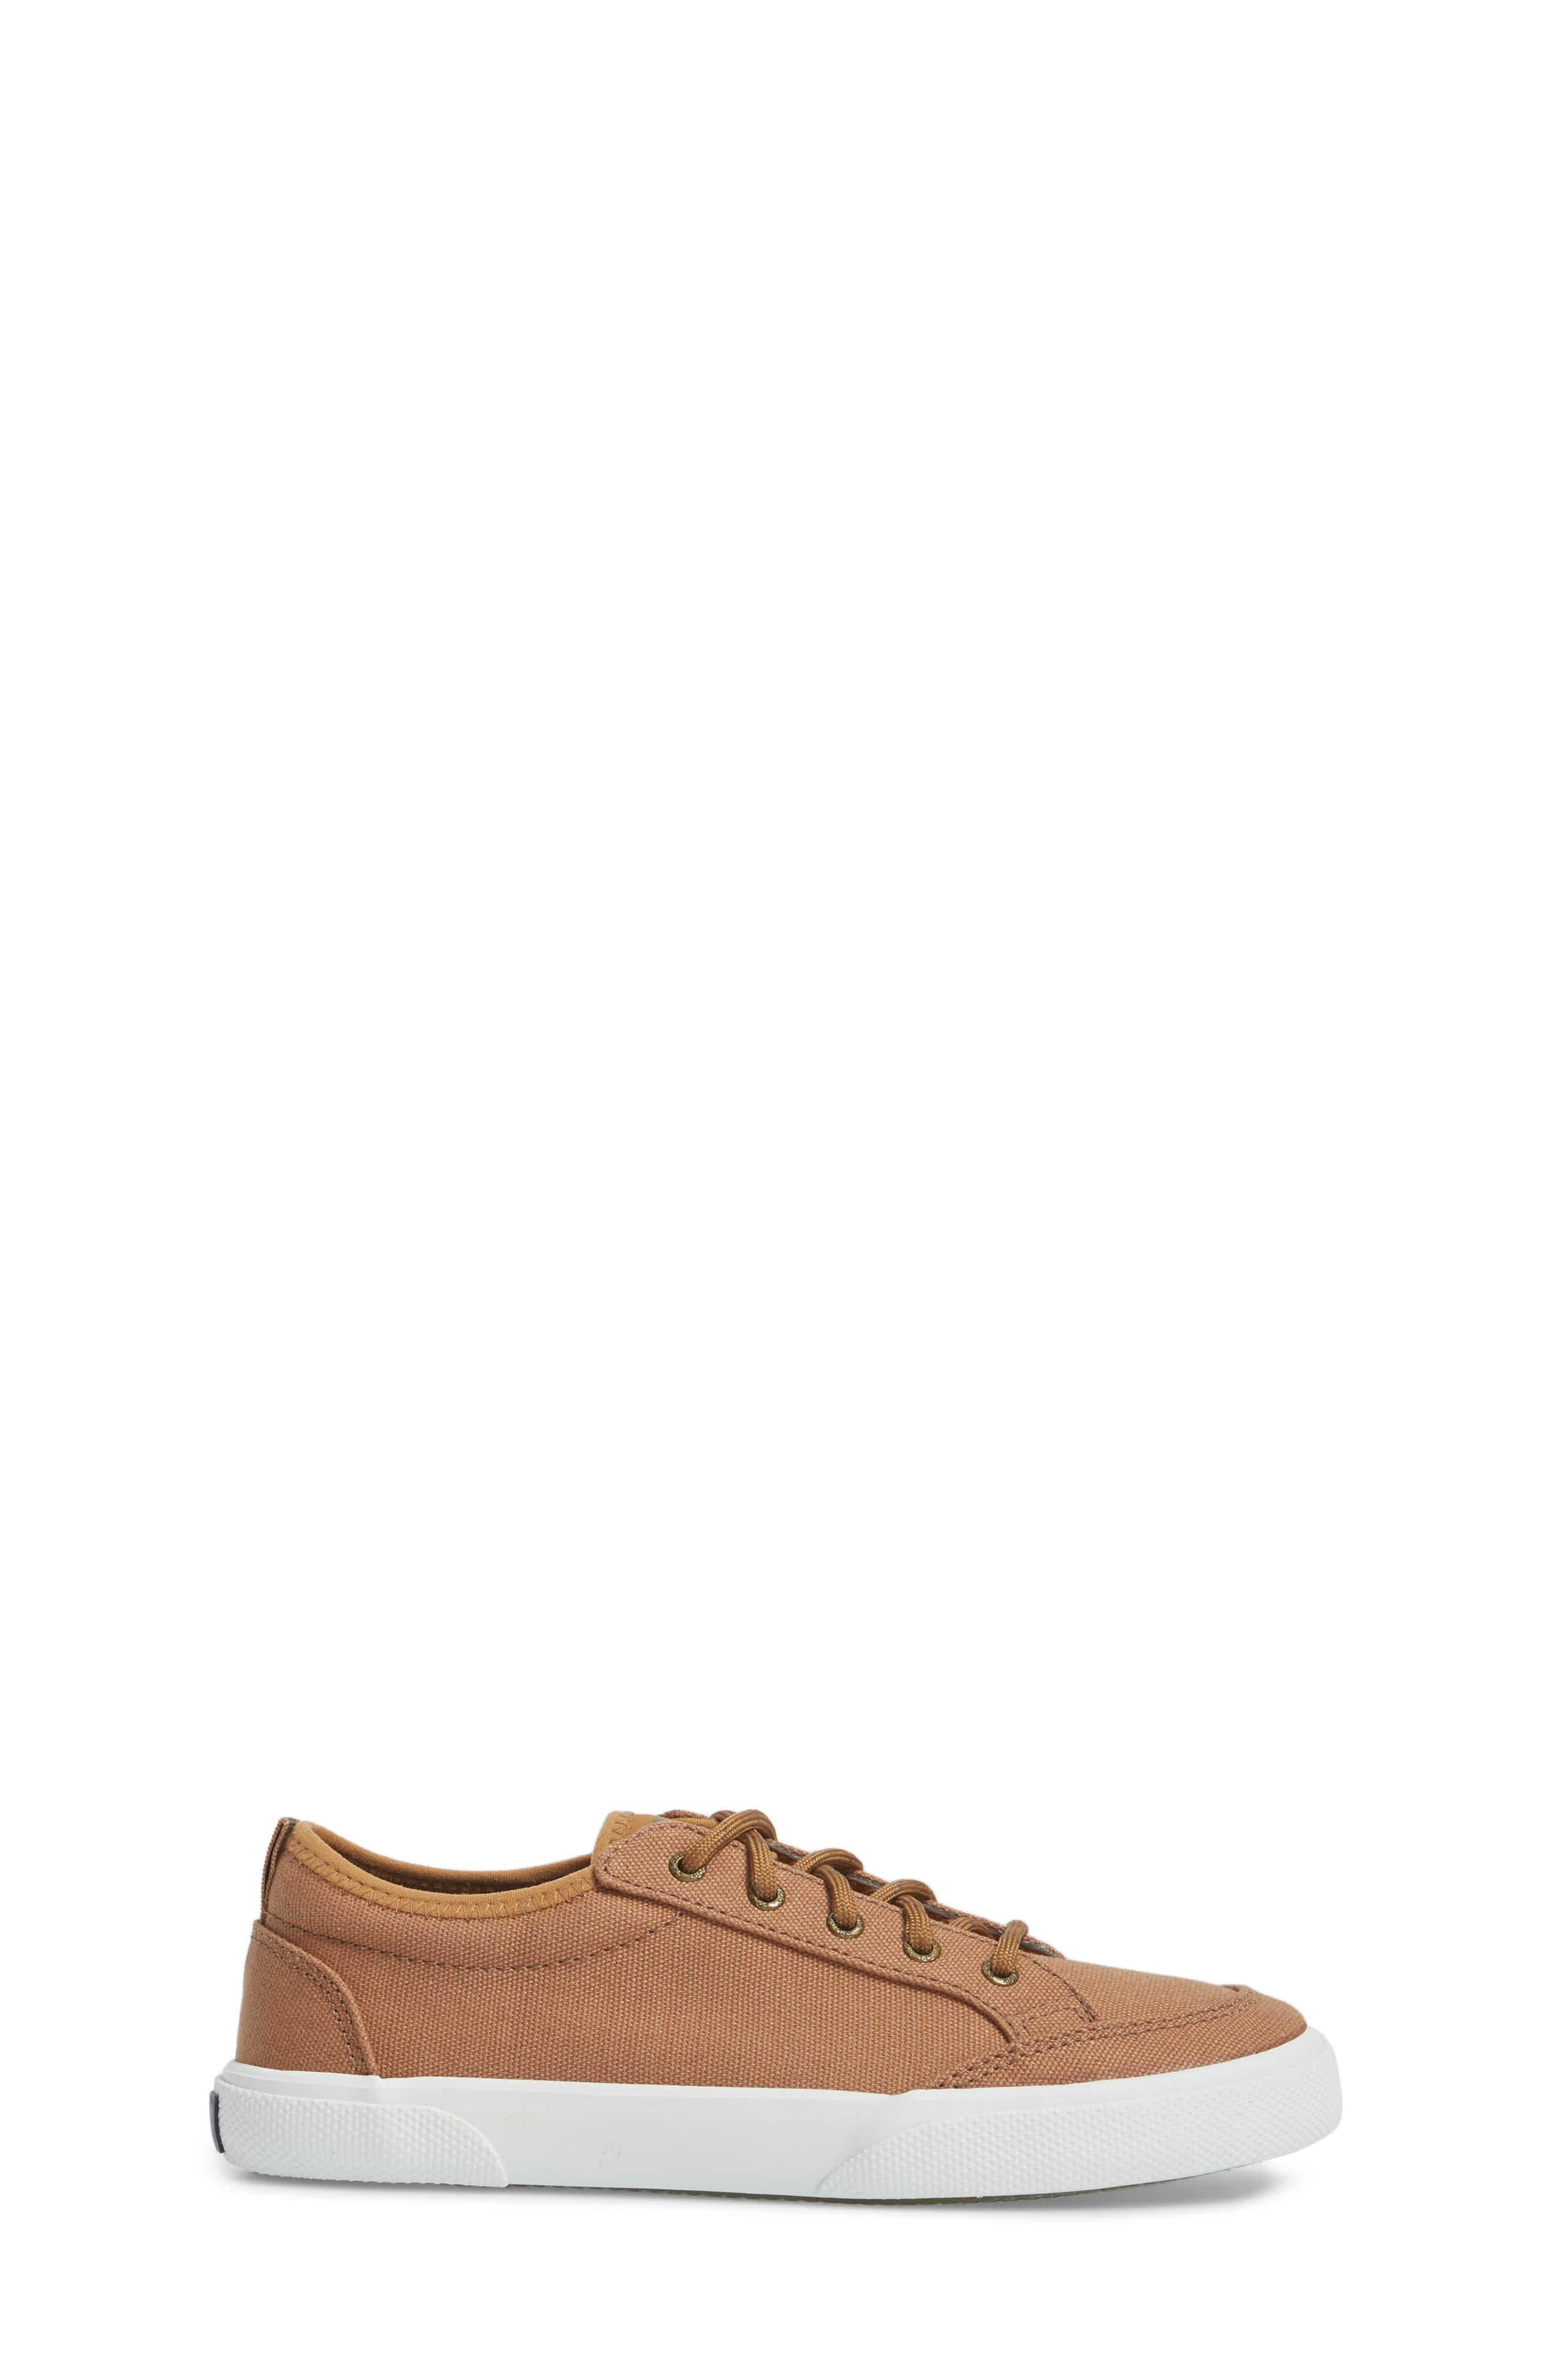 Sperry Deckfin Sneaker,                             Alternate thumbnail 3, color,                             Caramel